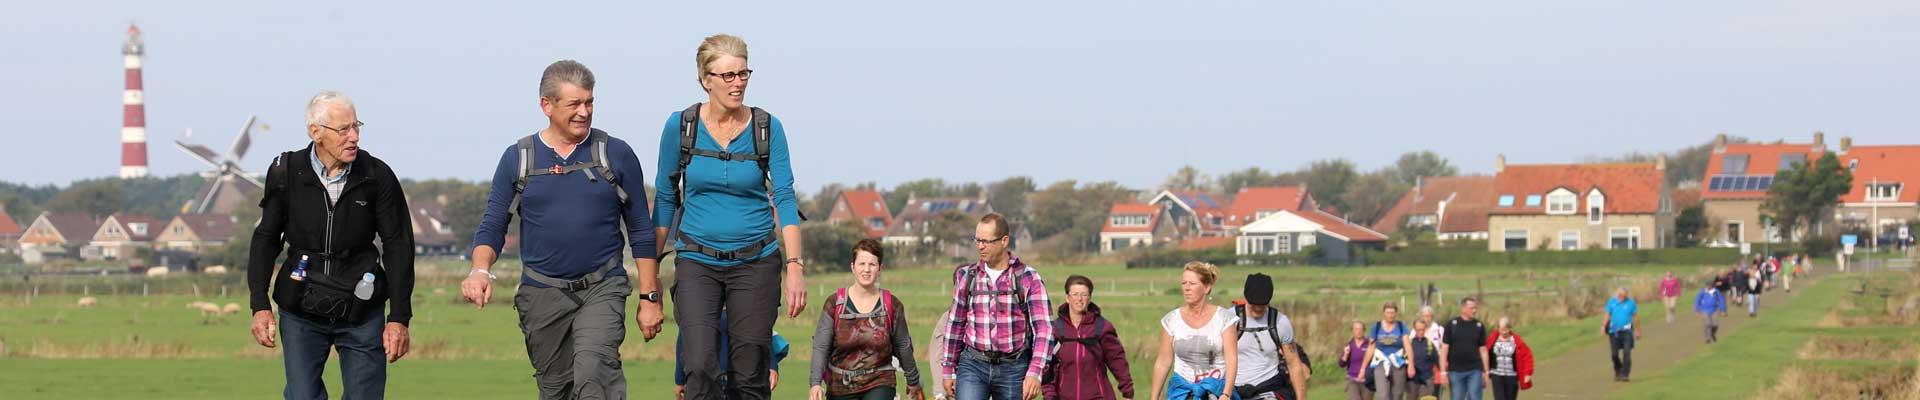 Tussen Slik en Zand: Deelnemers lopen door de velden op Ameland met Hollum en de vuurtoren op de achtergrond